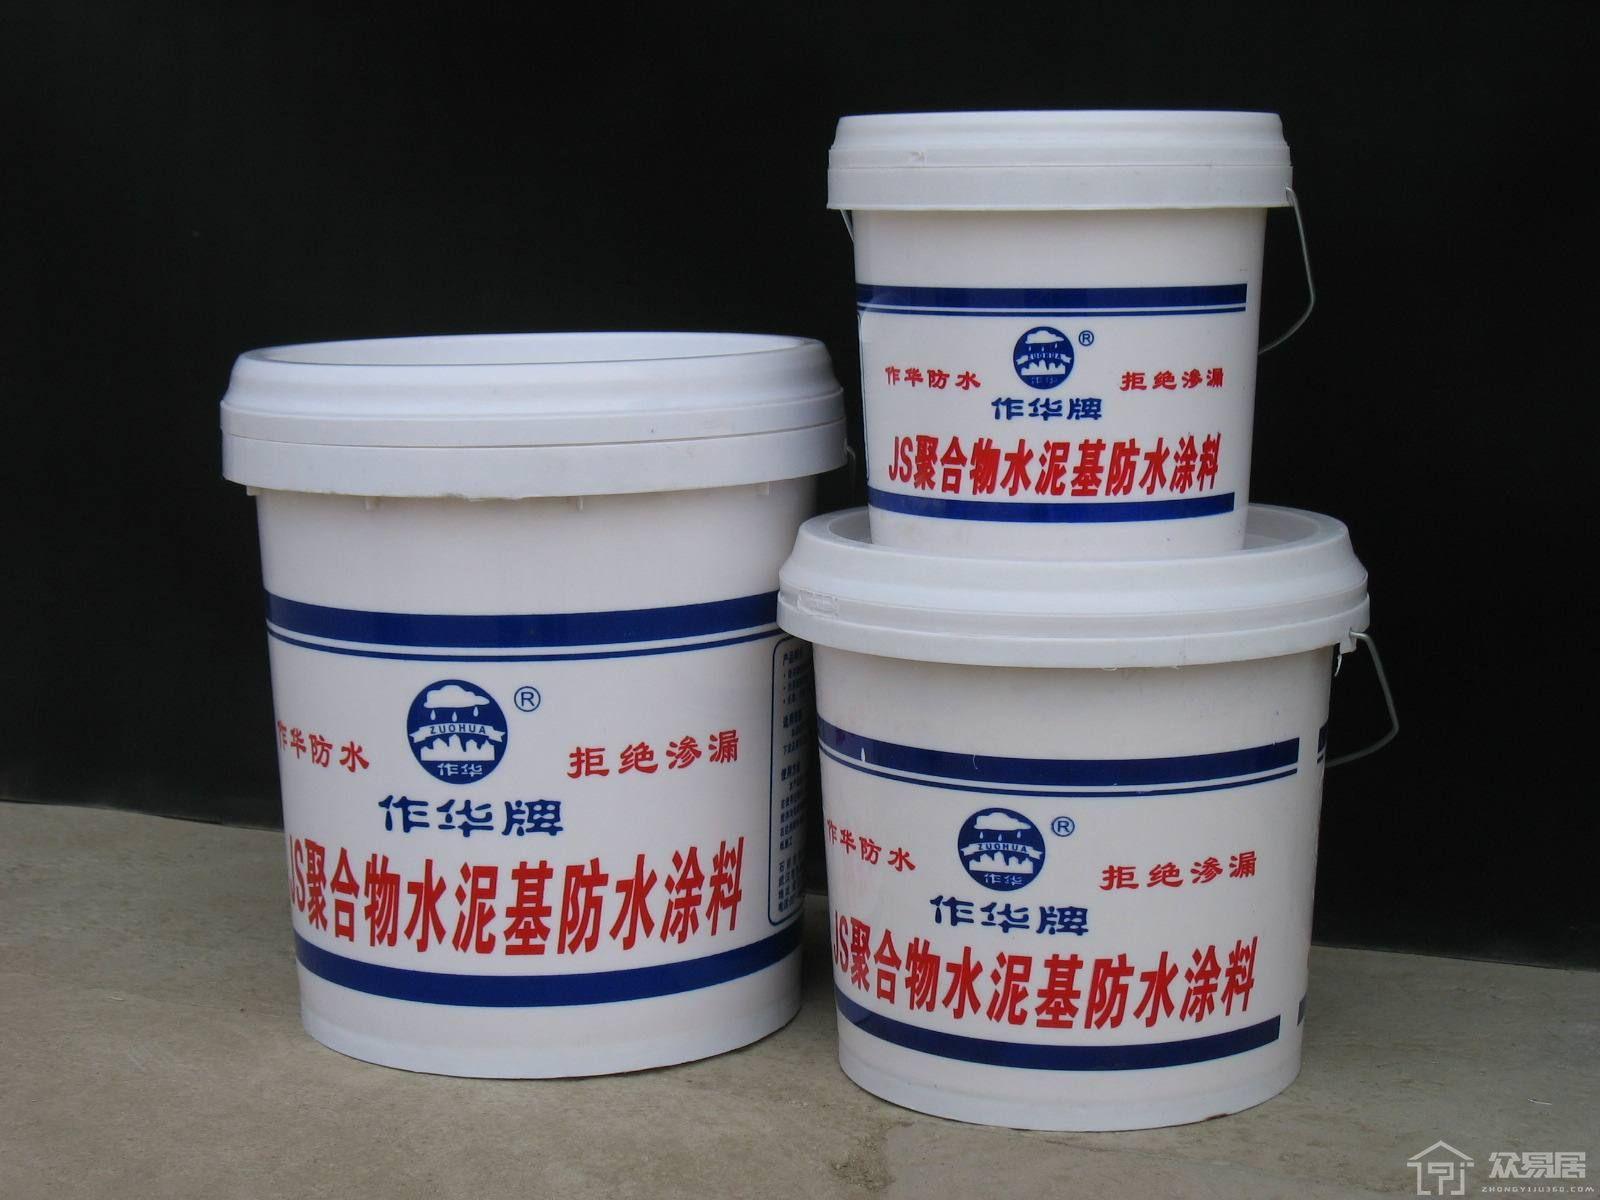 裝修常見的防水材料有哪些?防水材料如何選購